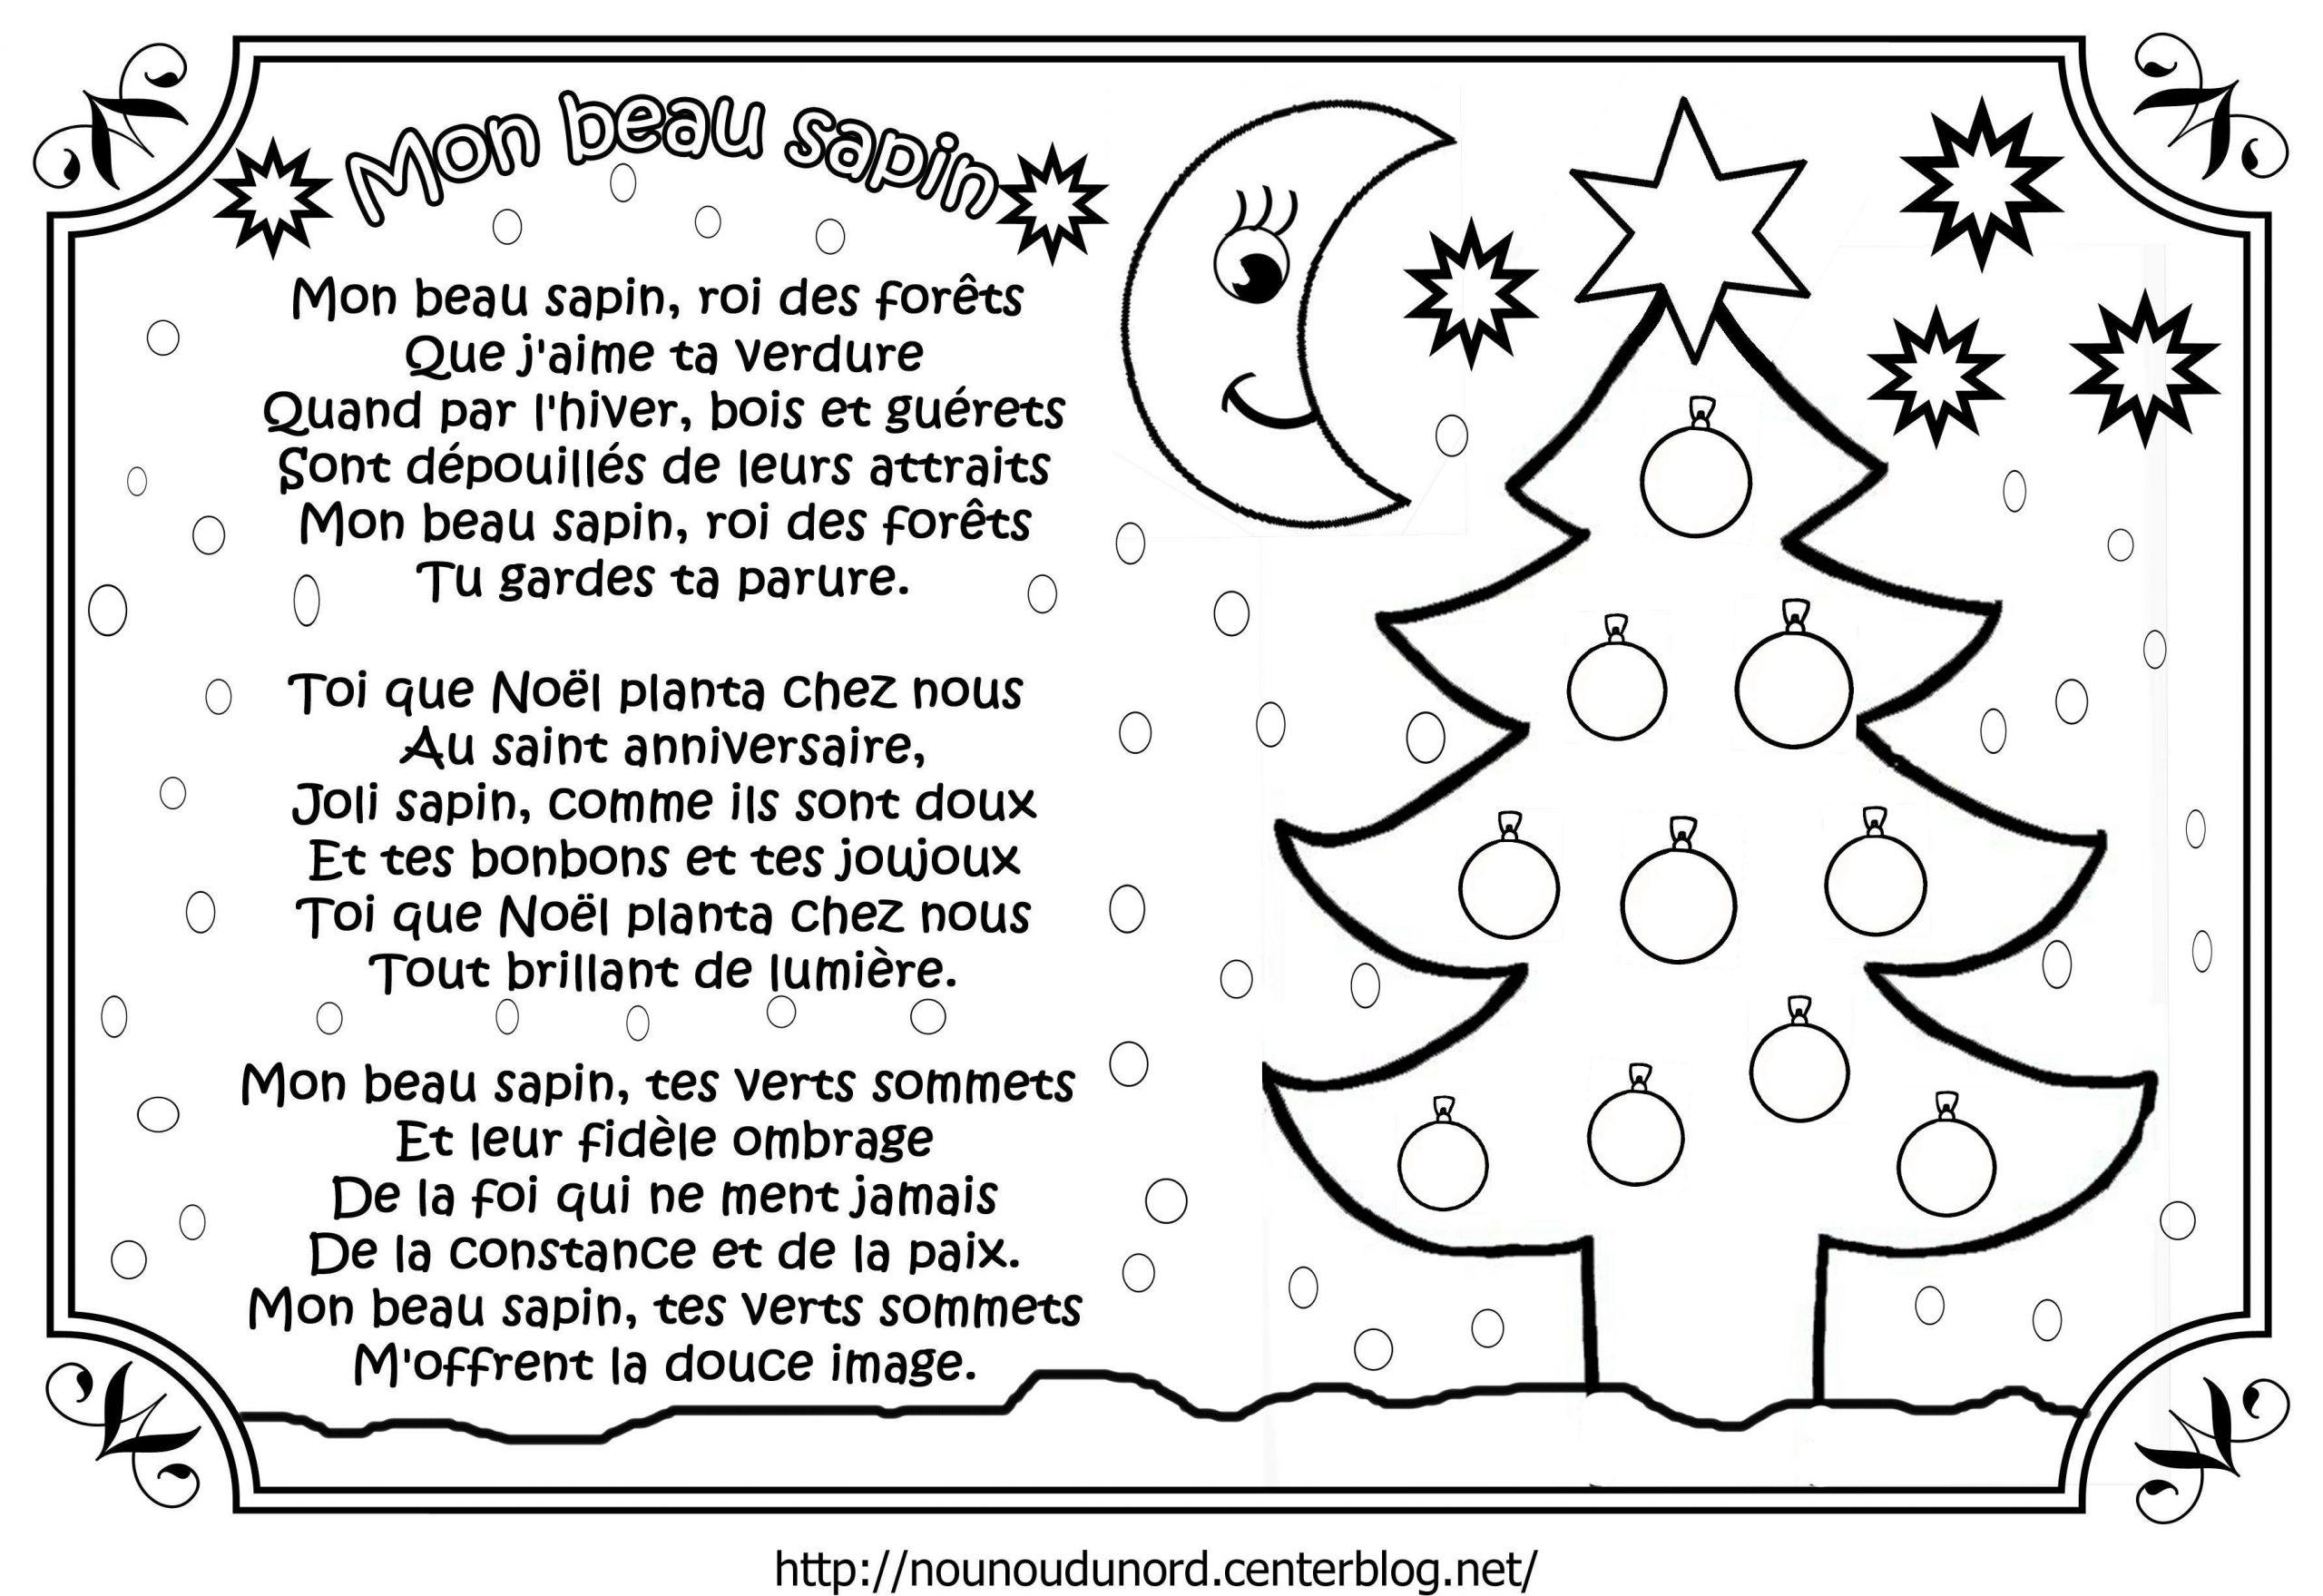 Chanson Mon Beau Sapin Illustrée intérieur Petit Papa Noel Paroles A Imprimer